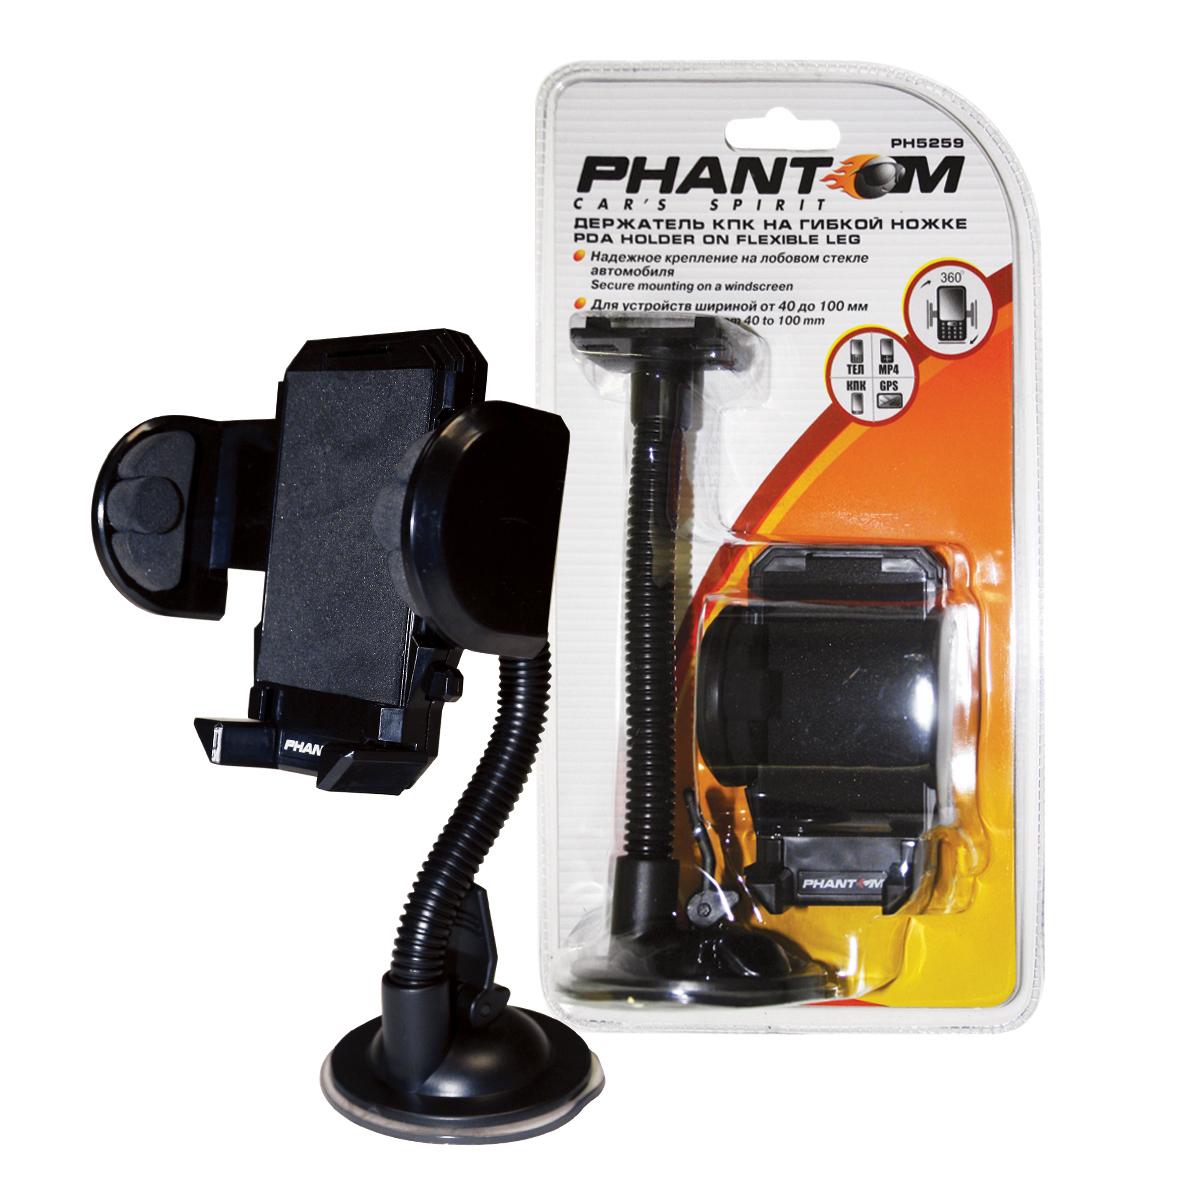 Держатель phantom ph5259 купить dji goggles на юле в челябинск